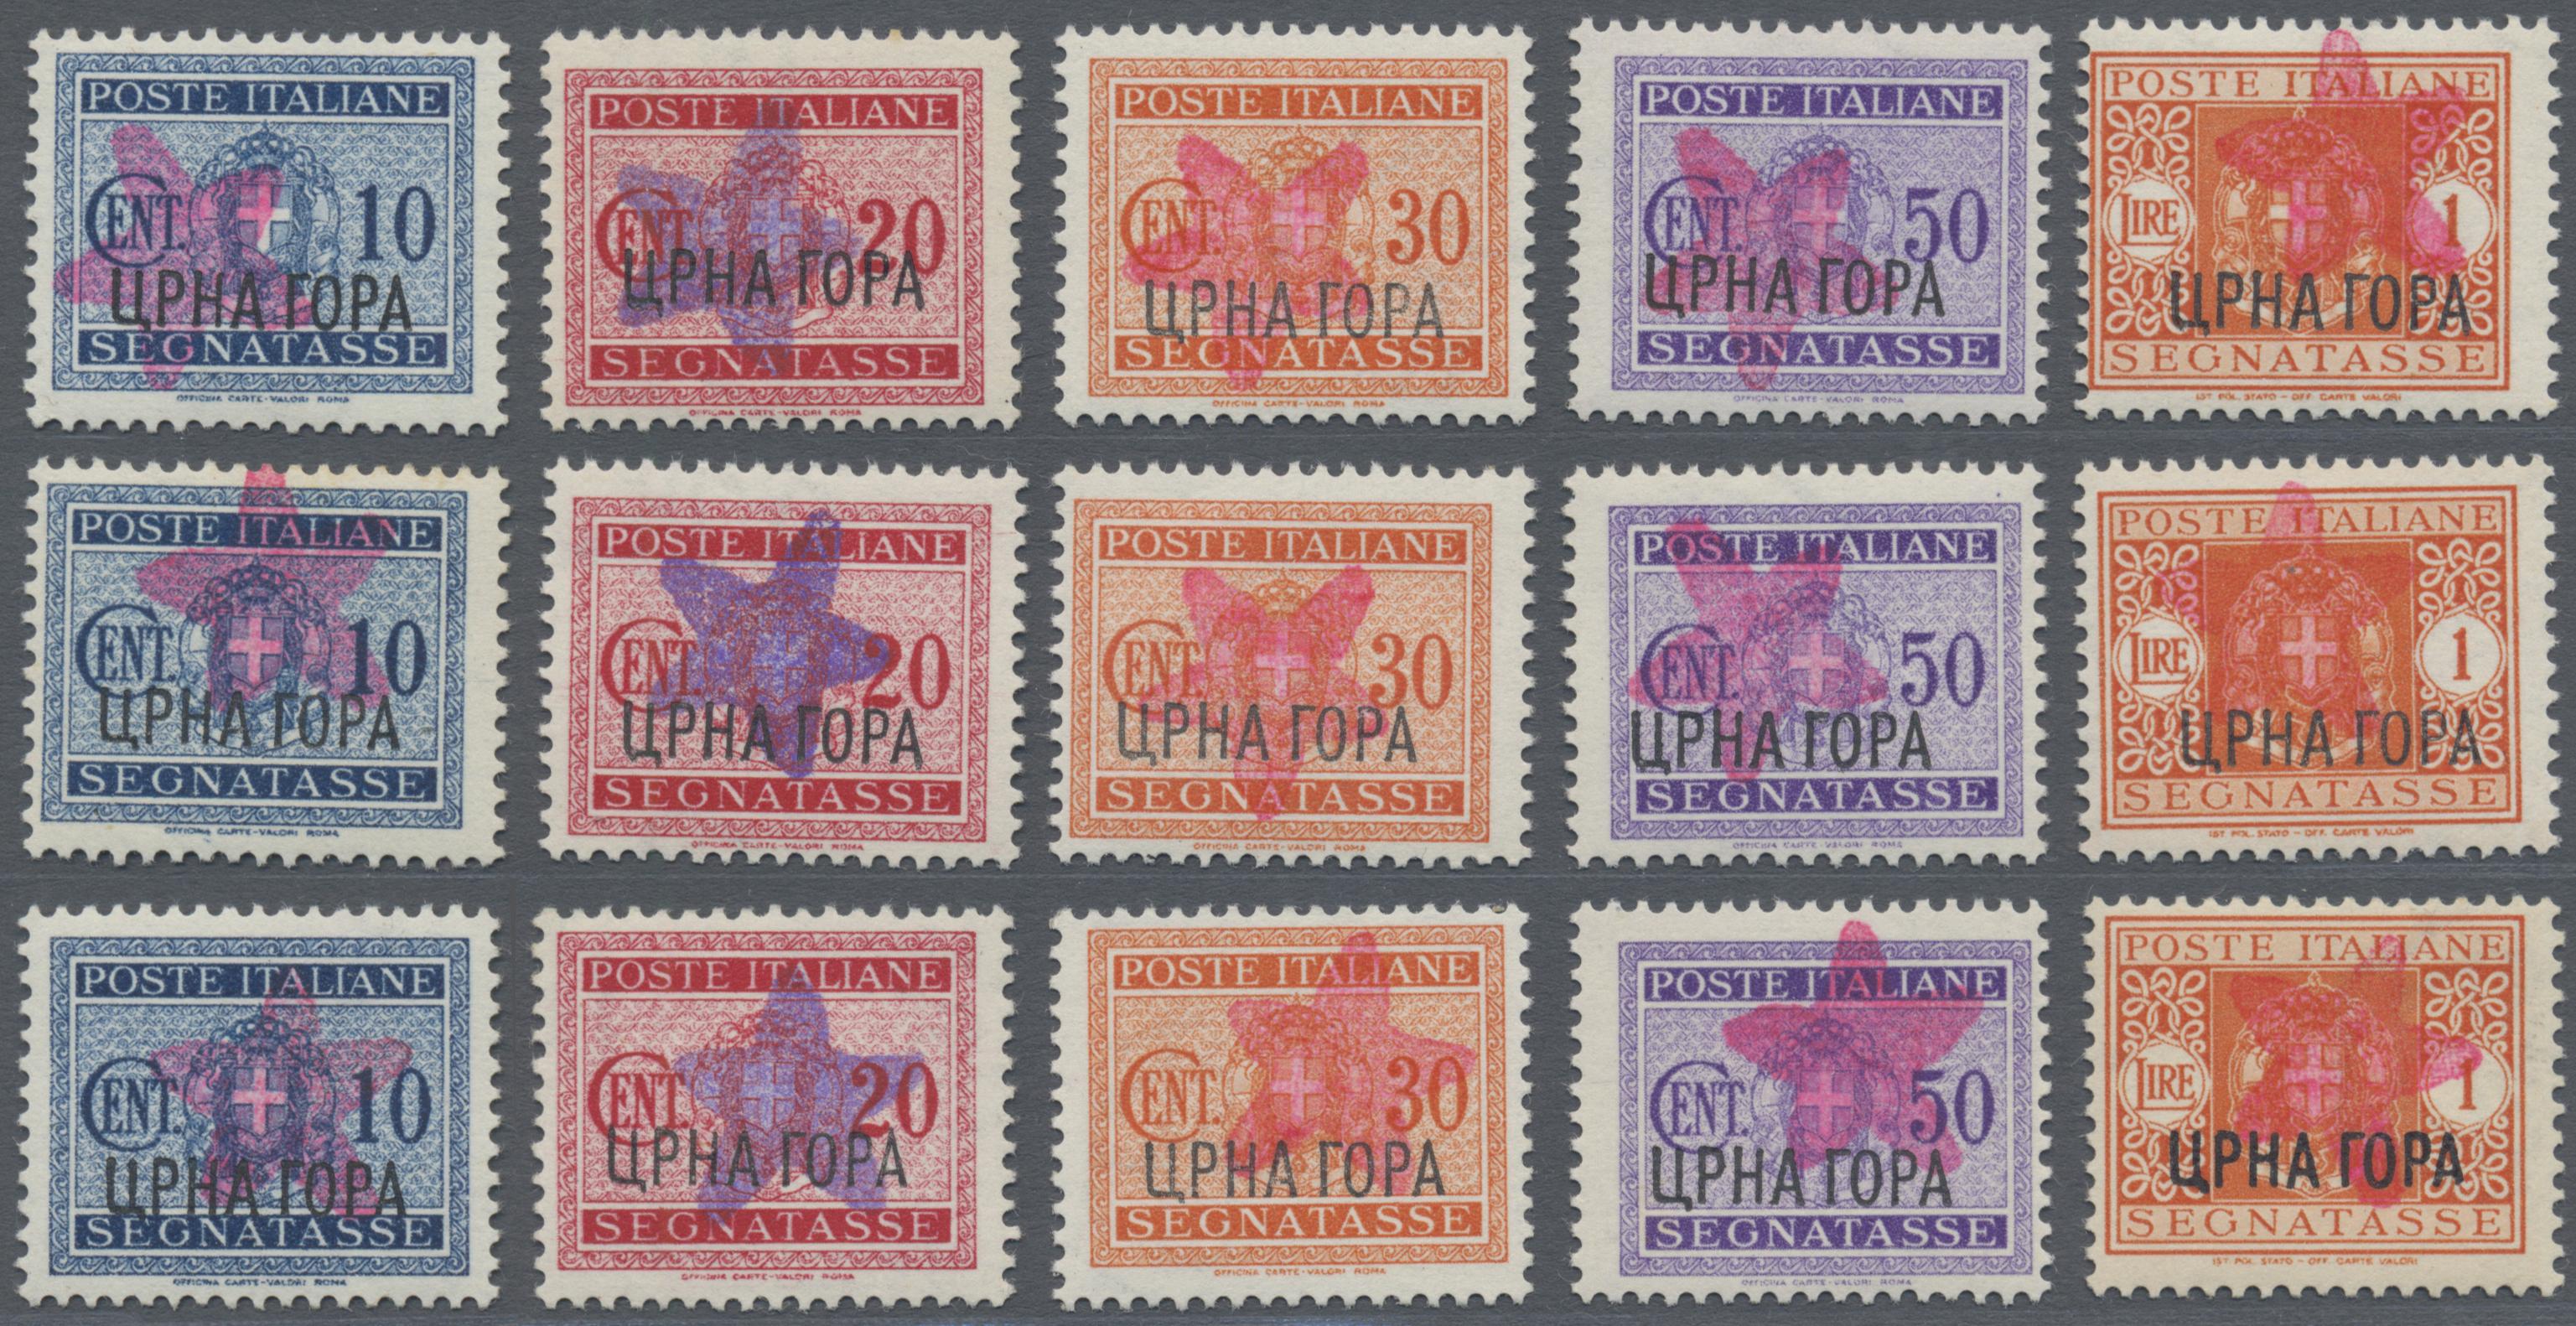 Lot 1030 - Italienische Besetzung 1941/43 - Montenegro - Portomarken  -  Auktionshaus Christoph Gärtner GmbH & Co. KG Auction #41 Special auction part one